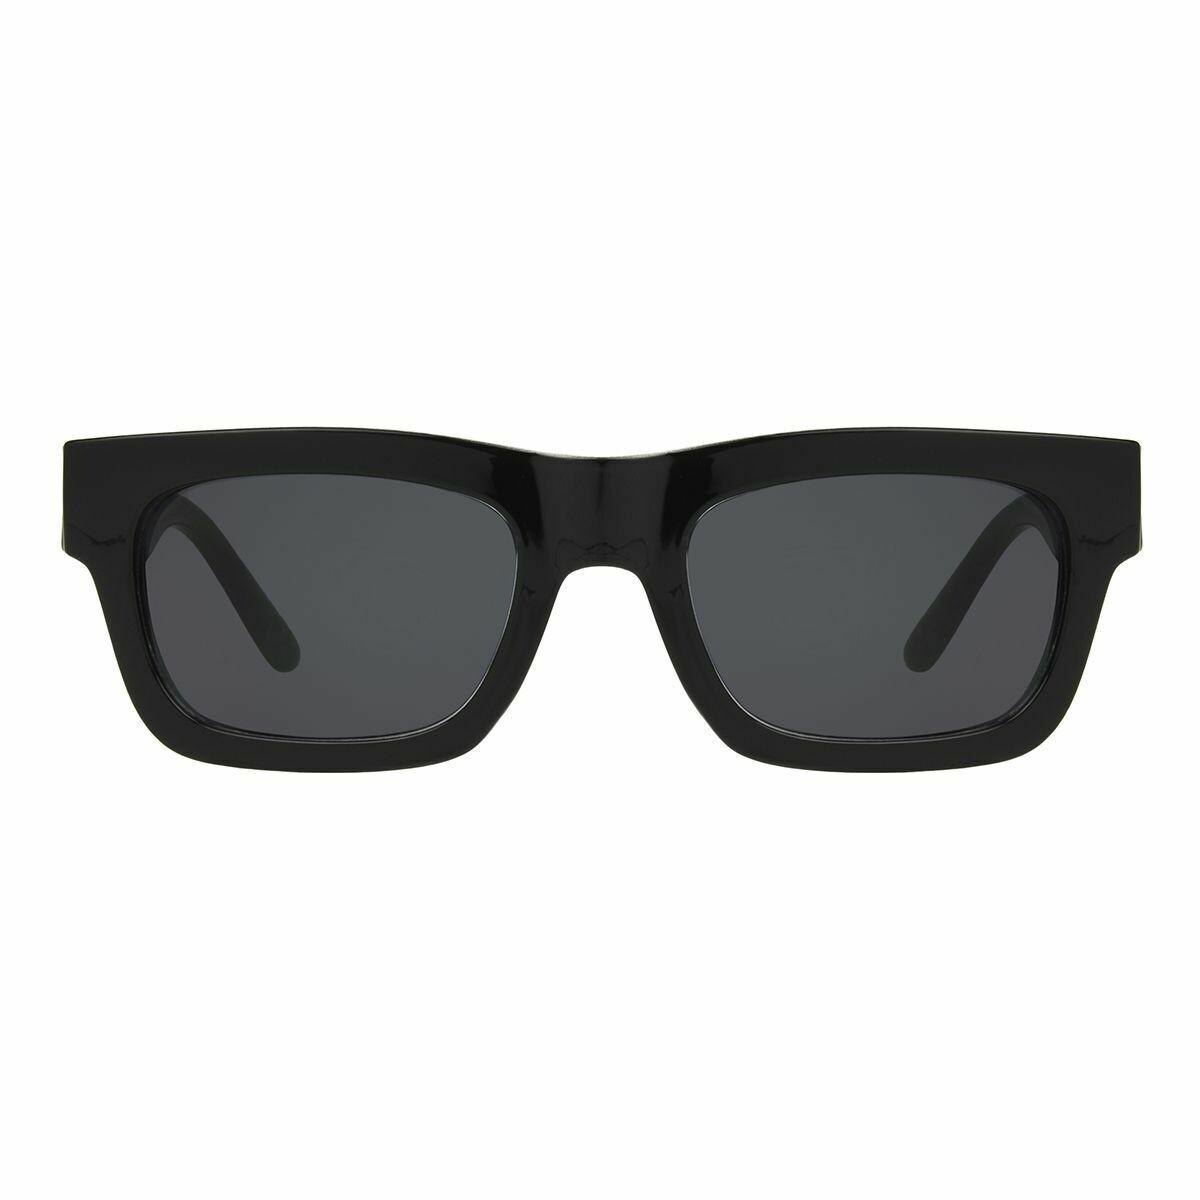 1960's Foster Grant Sunglasses